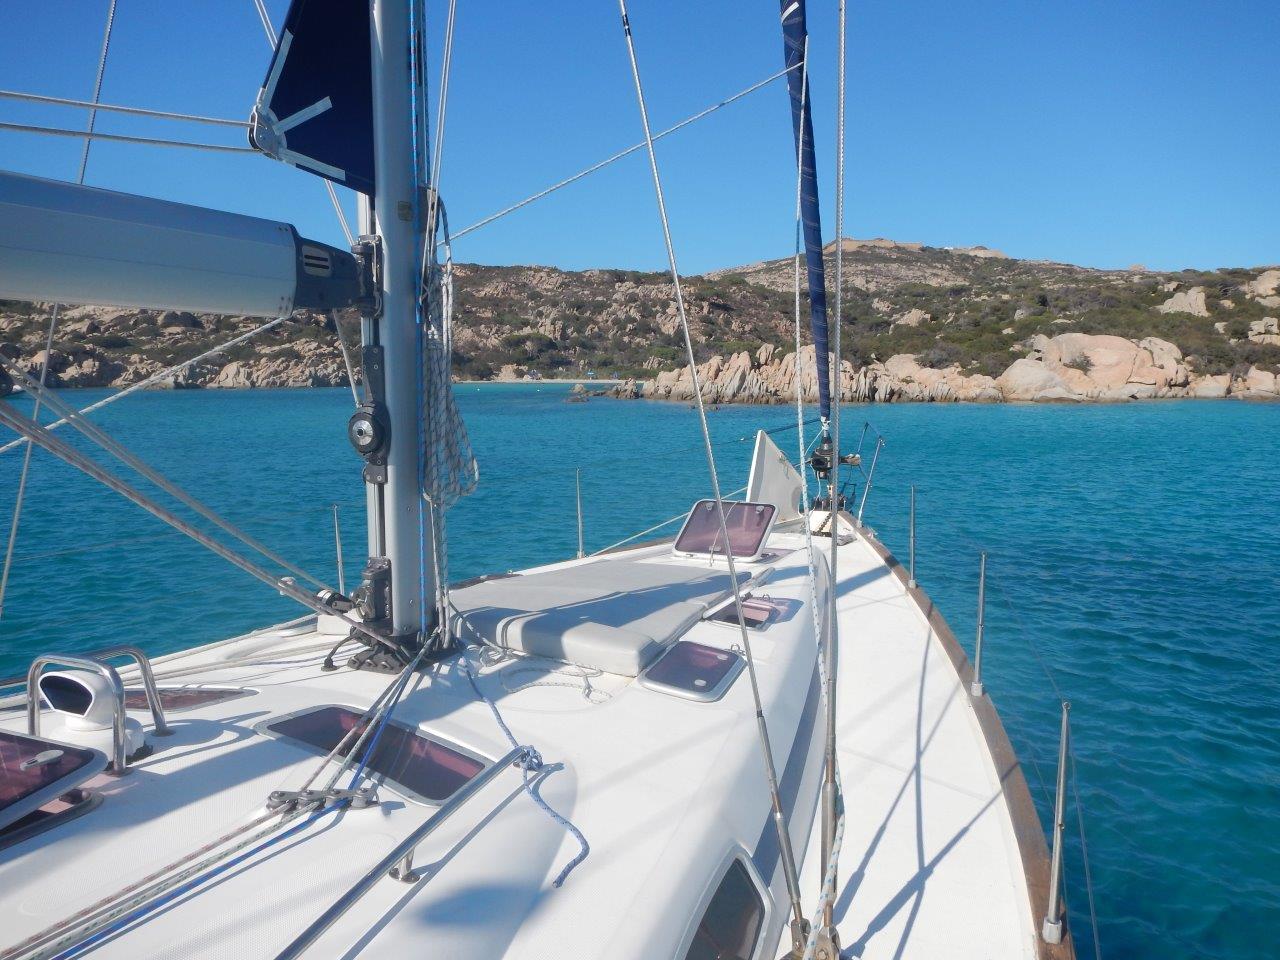 ... oder direkt von der Segelyacht ins Wasser springen